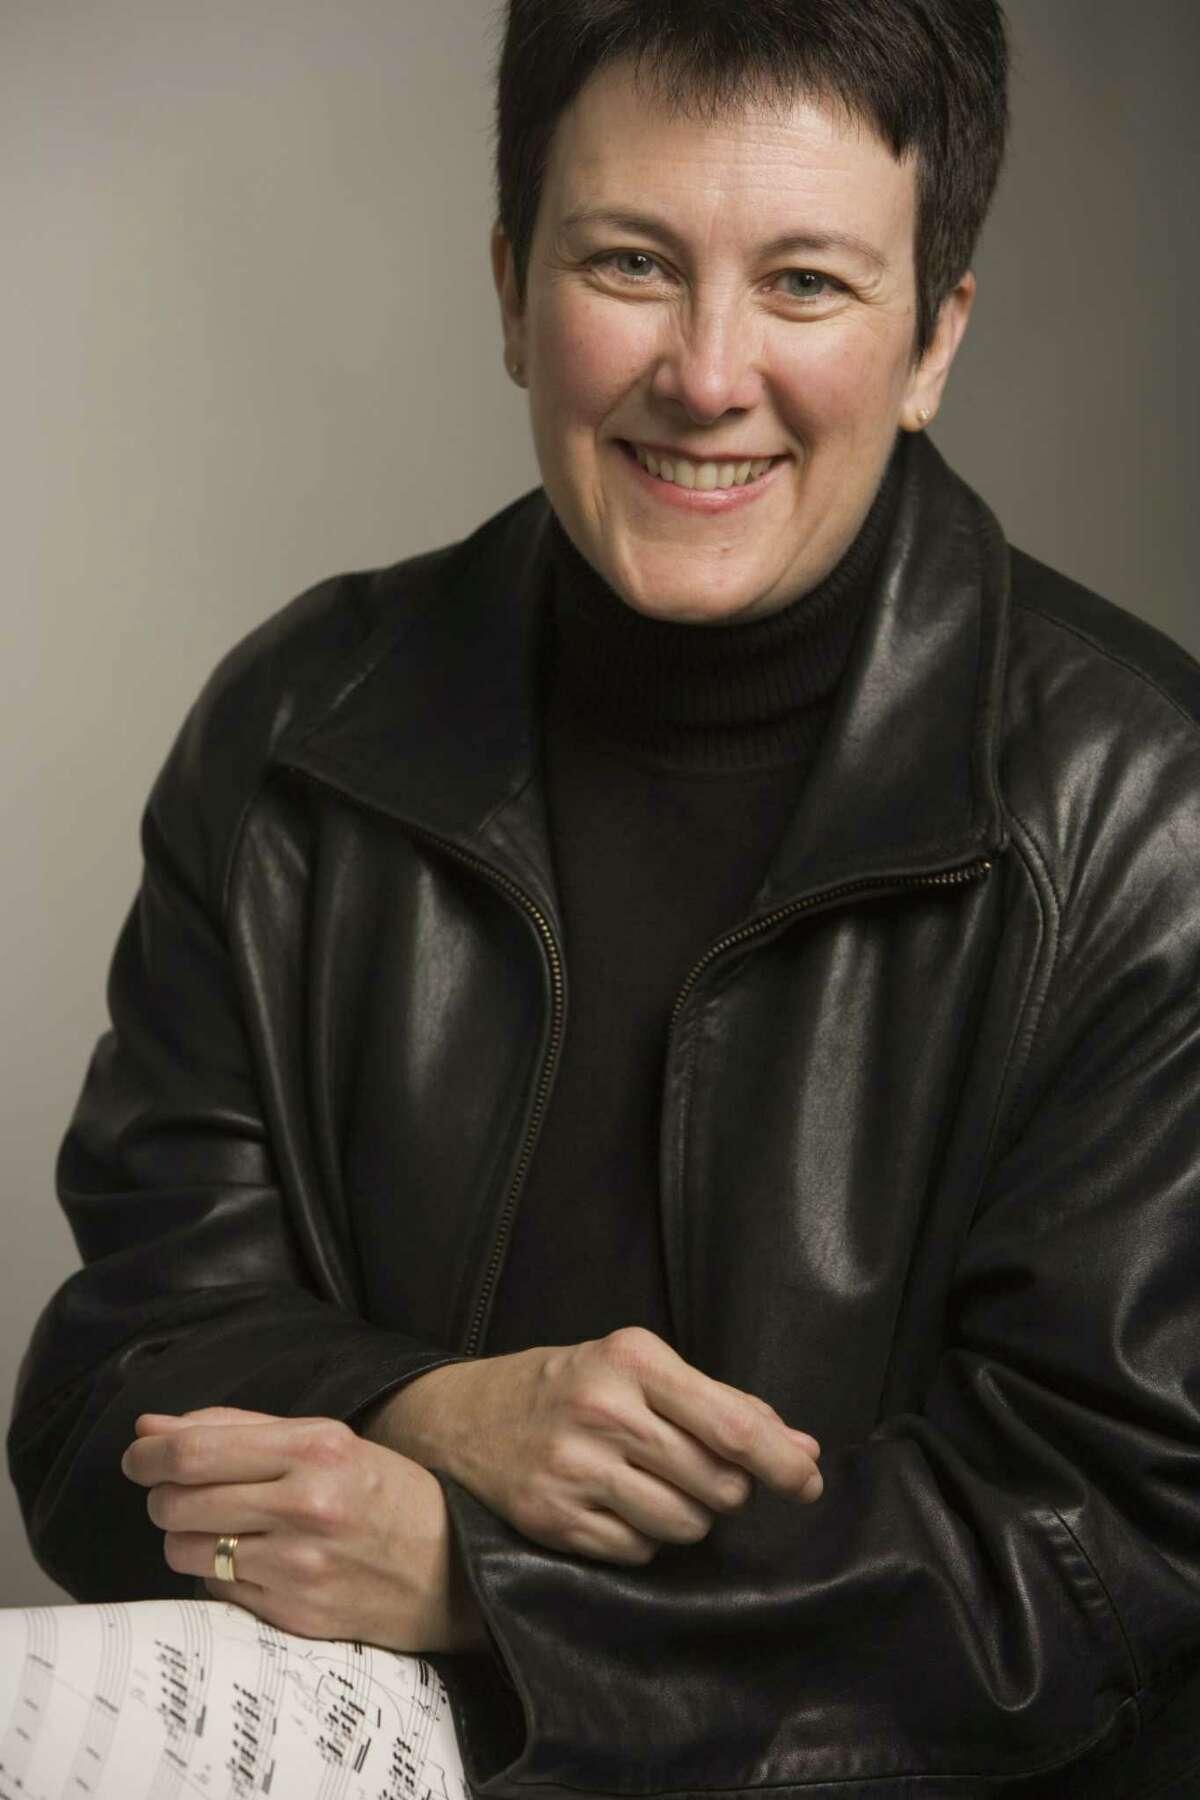 Jennifer Higdon (photo by J.D. Scott)